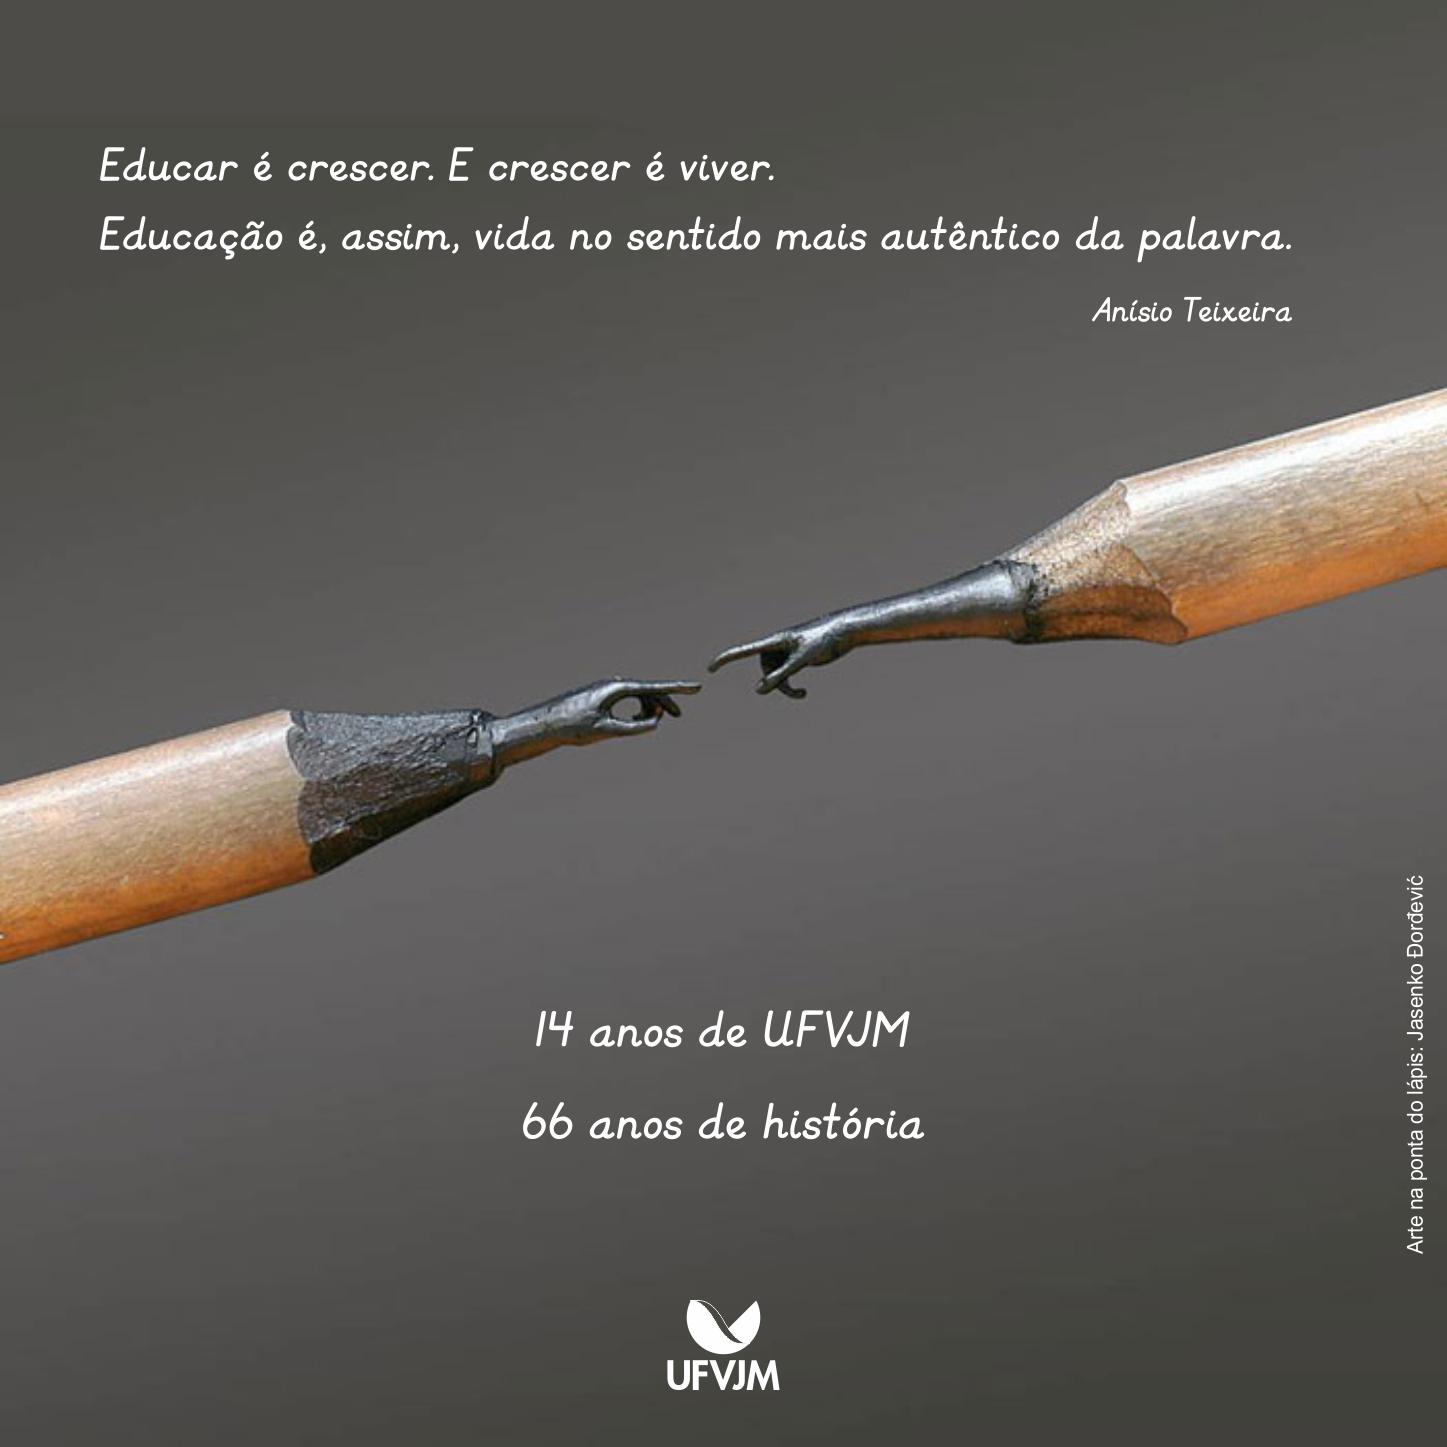 Educar é crescer. E crescer é viver. Educação é, assim, vida no sentido mais autêntico da palavra (Anísio Teixeira).14 anos de UFVJM - 66 anos de história.